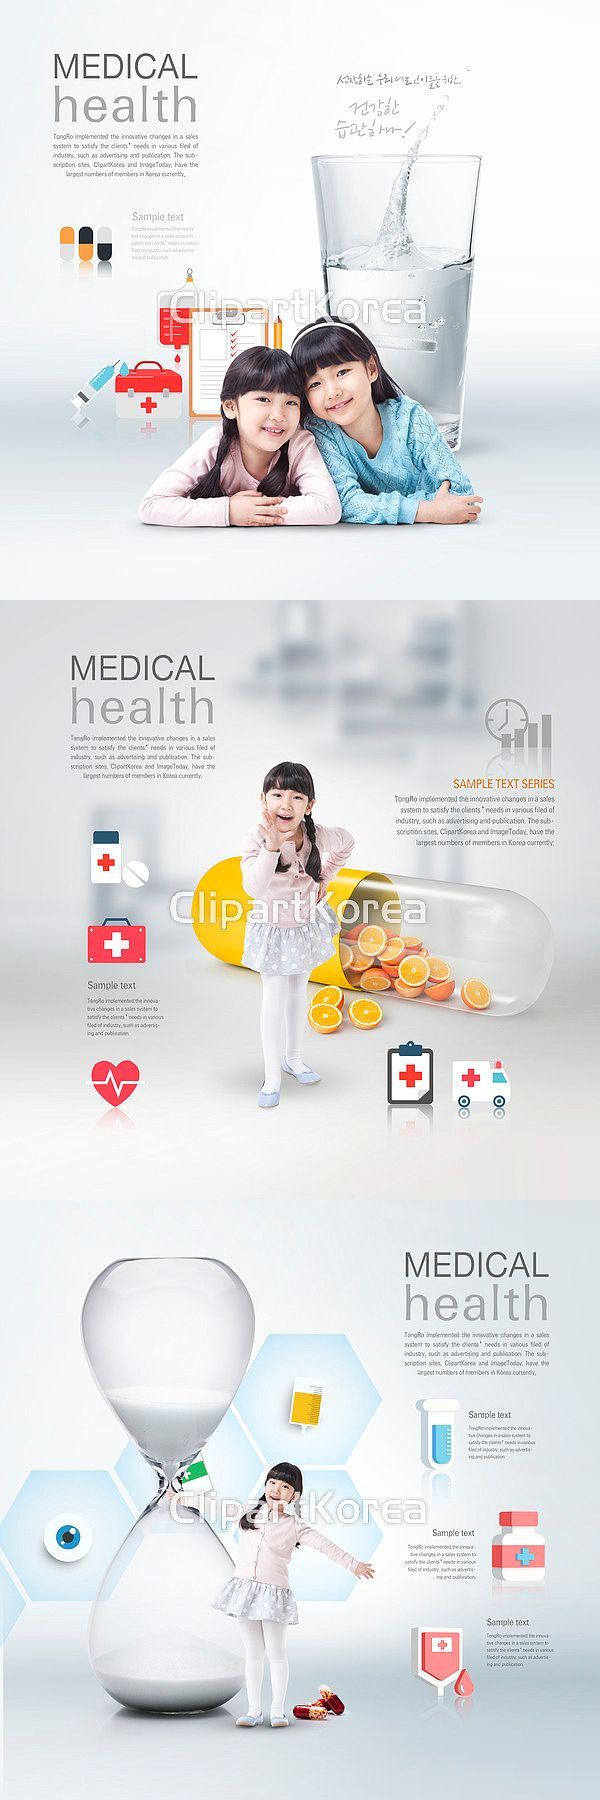 #클립아트코리아 #이미지투데이 #통로이미지 #clipartkorea #imagetoday #tongroimages #PSD #포토샵  #건강  #구급상자  #알약  #의약품  #의학  #픽토그램  #합성이미지  #혈액  #구급상자  #비타민  #우유 #의사 #병원 #약국 #Photoshop #health #first aid box #pill #medicine #pictogram #composite image #blood #vitamin #milk #Doctor #Hospital #Pharmacy